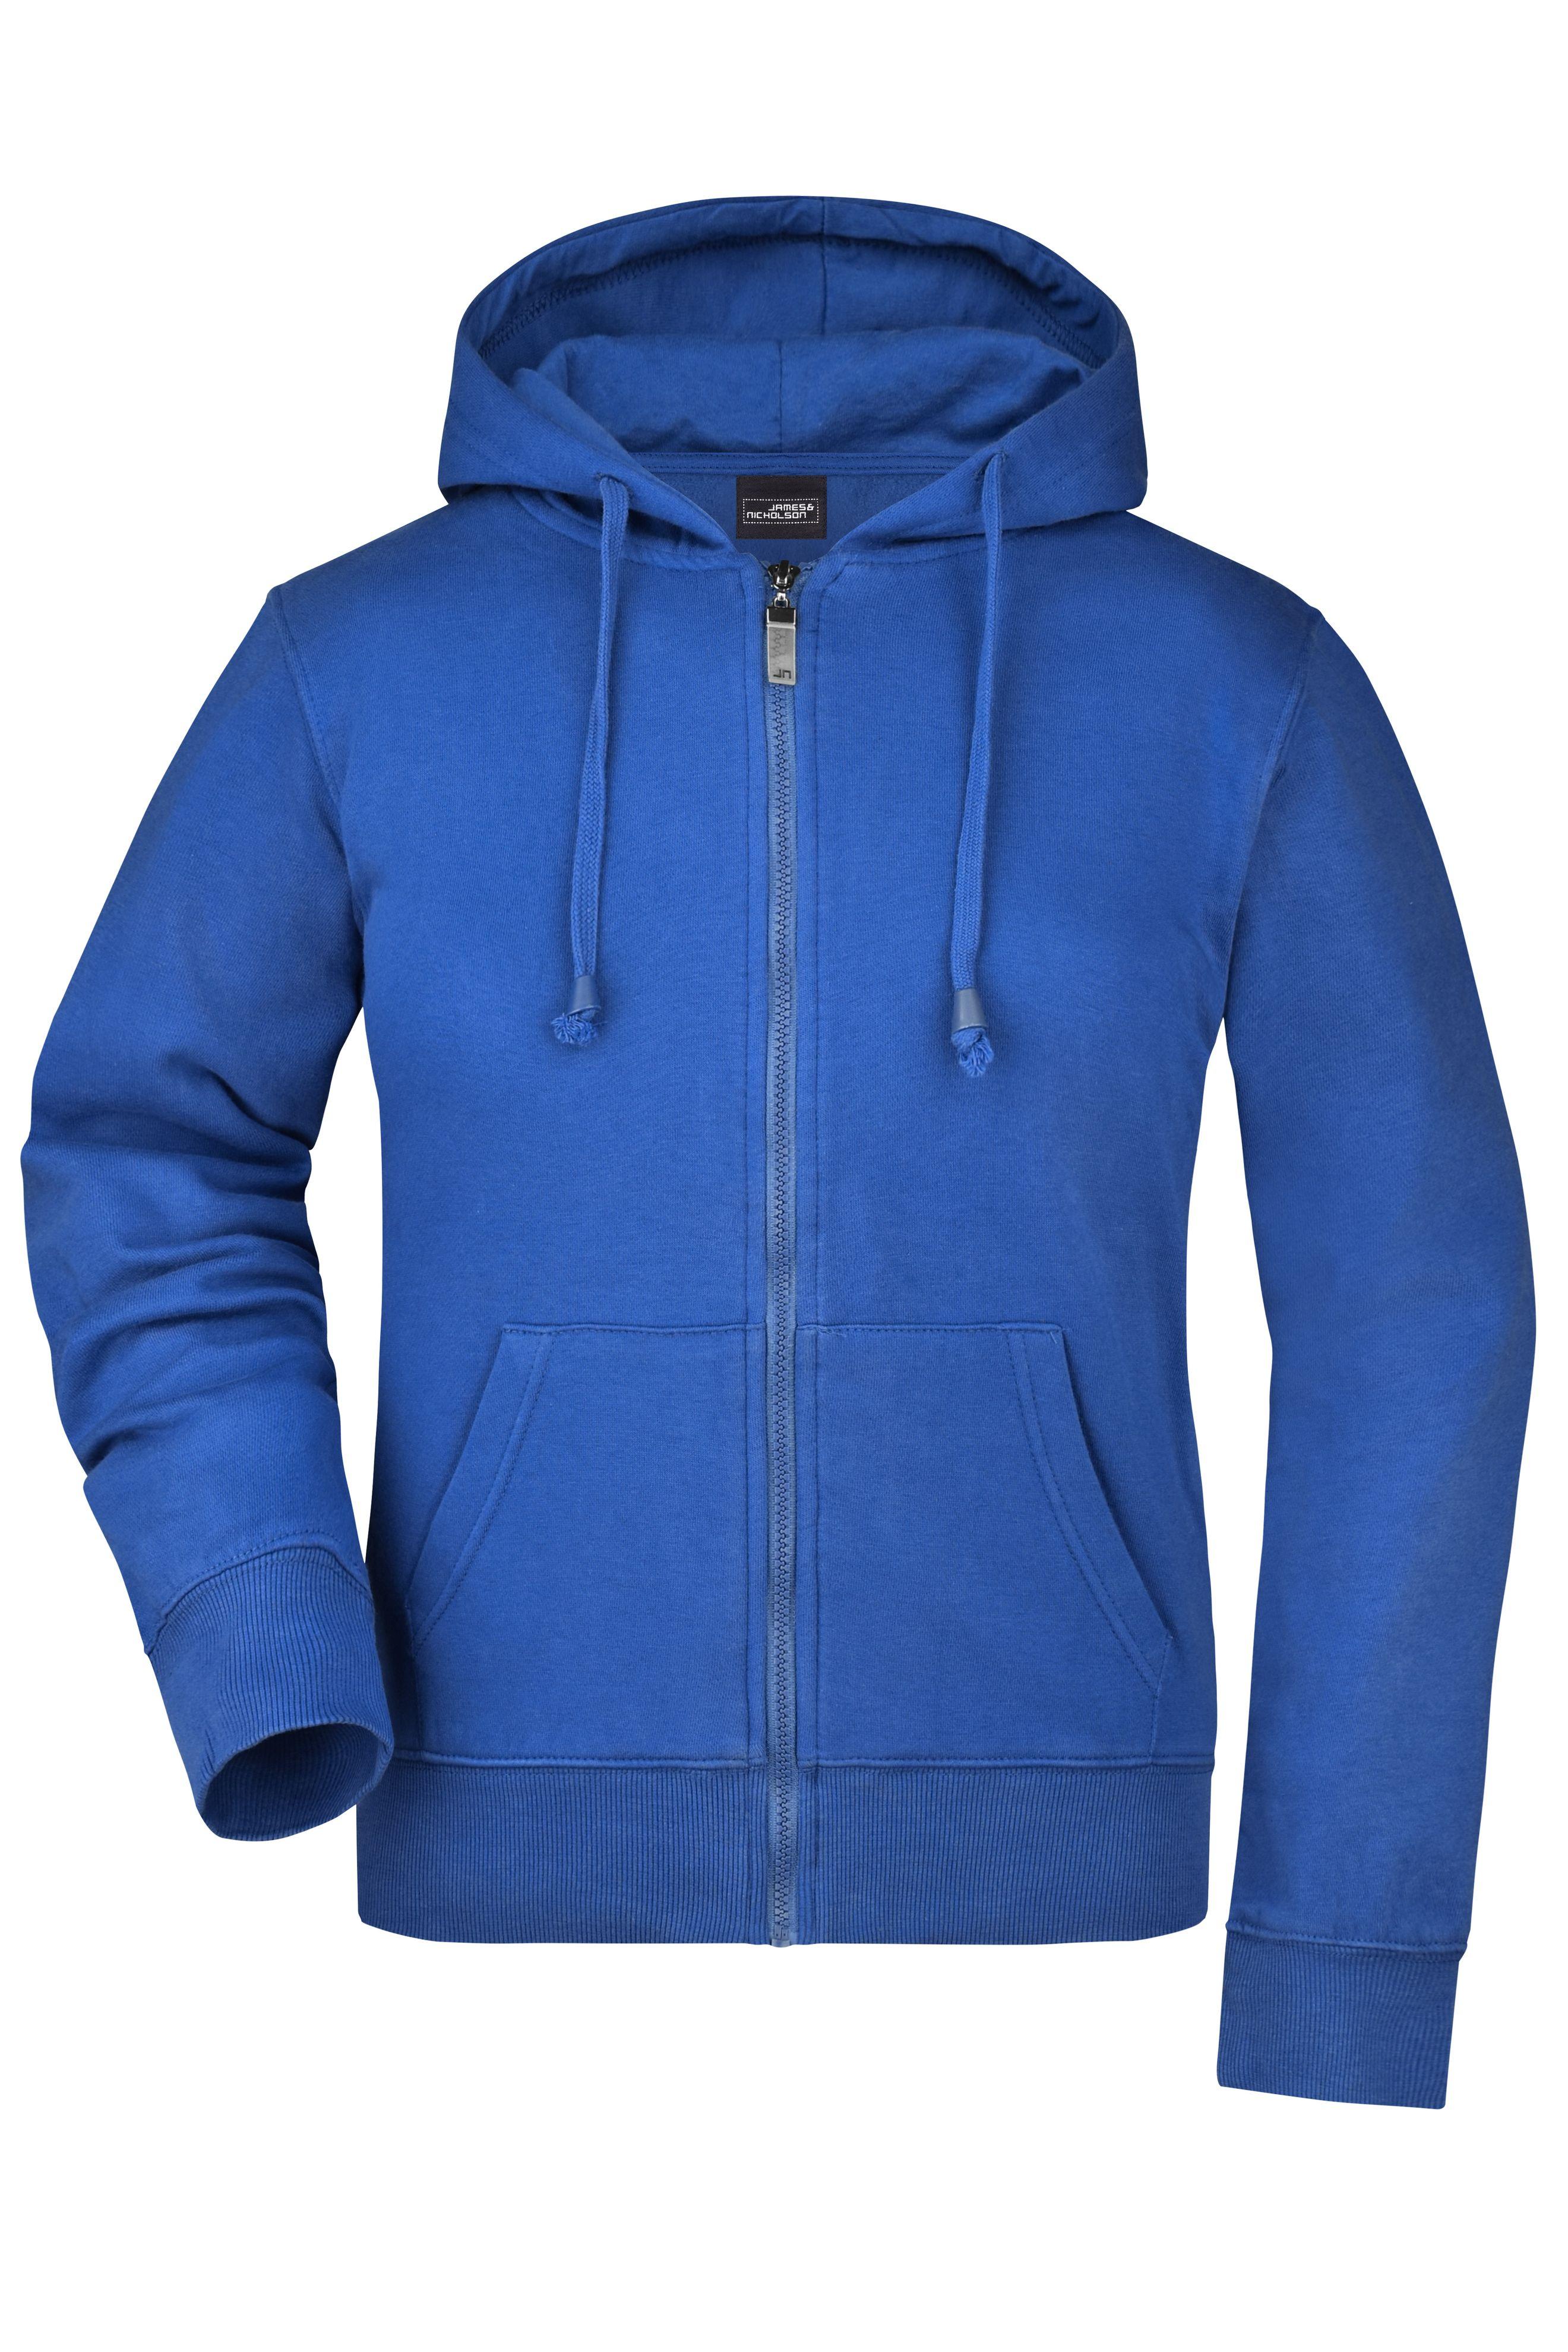 Kapuzen-Jacke aus formbeständiger Sweat-Qualität